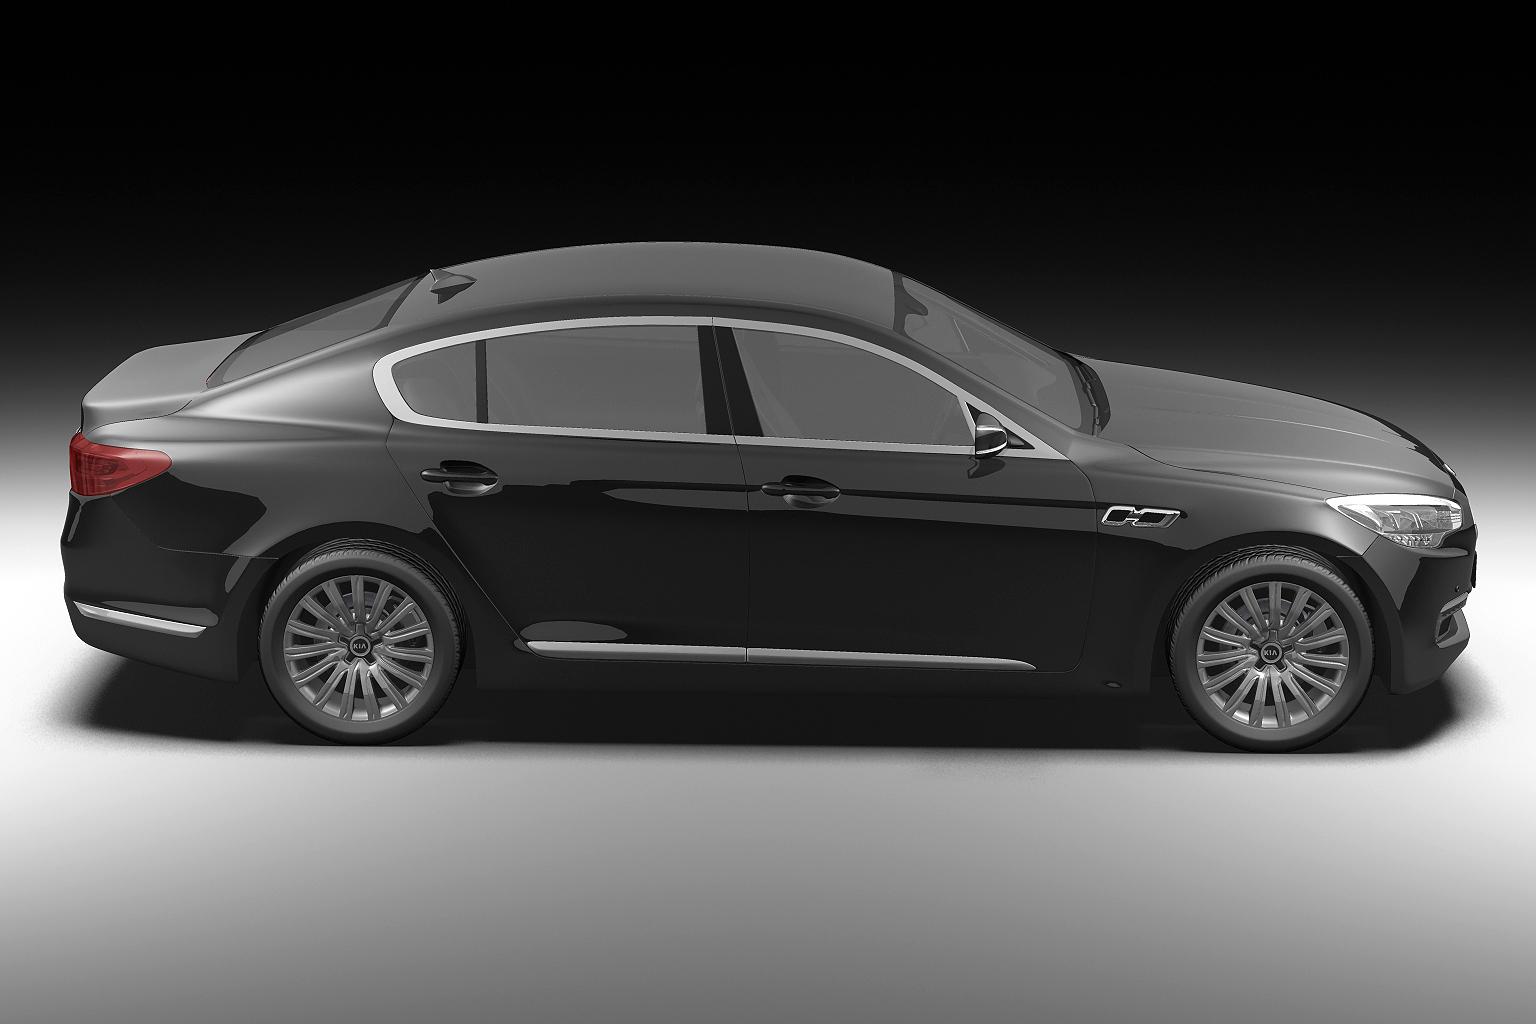 2012 kia k9 3d model 3ds max fbx c4d lwo hrc xsi obj 136302